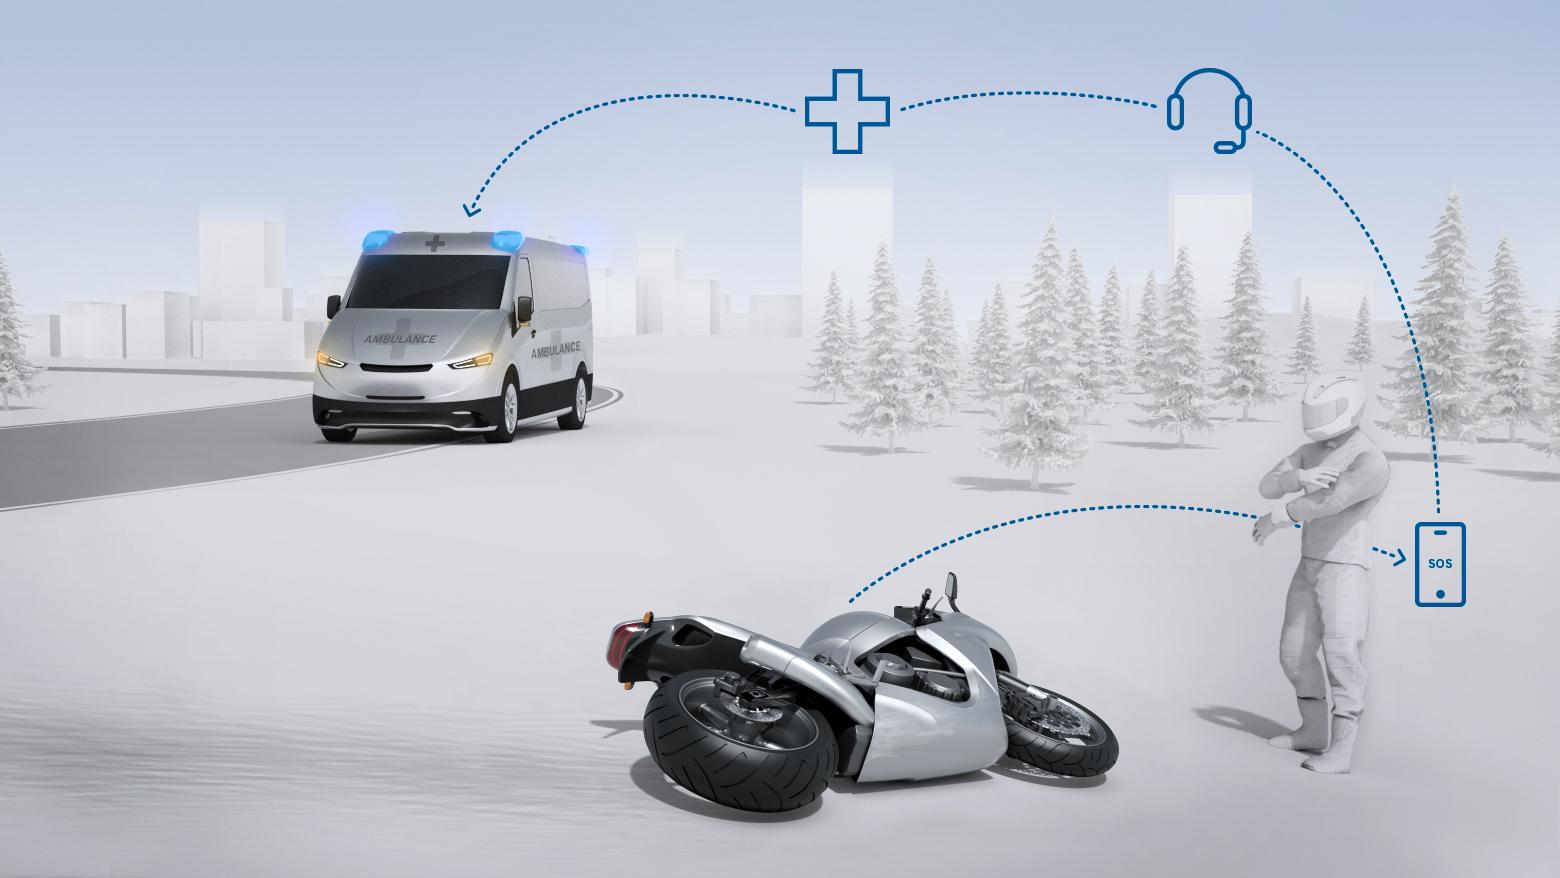 Help Connect kombinuje automatickú detekciu nehôd, funkciu tiesňového volania a osobný systém núdzovej reakcie